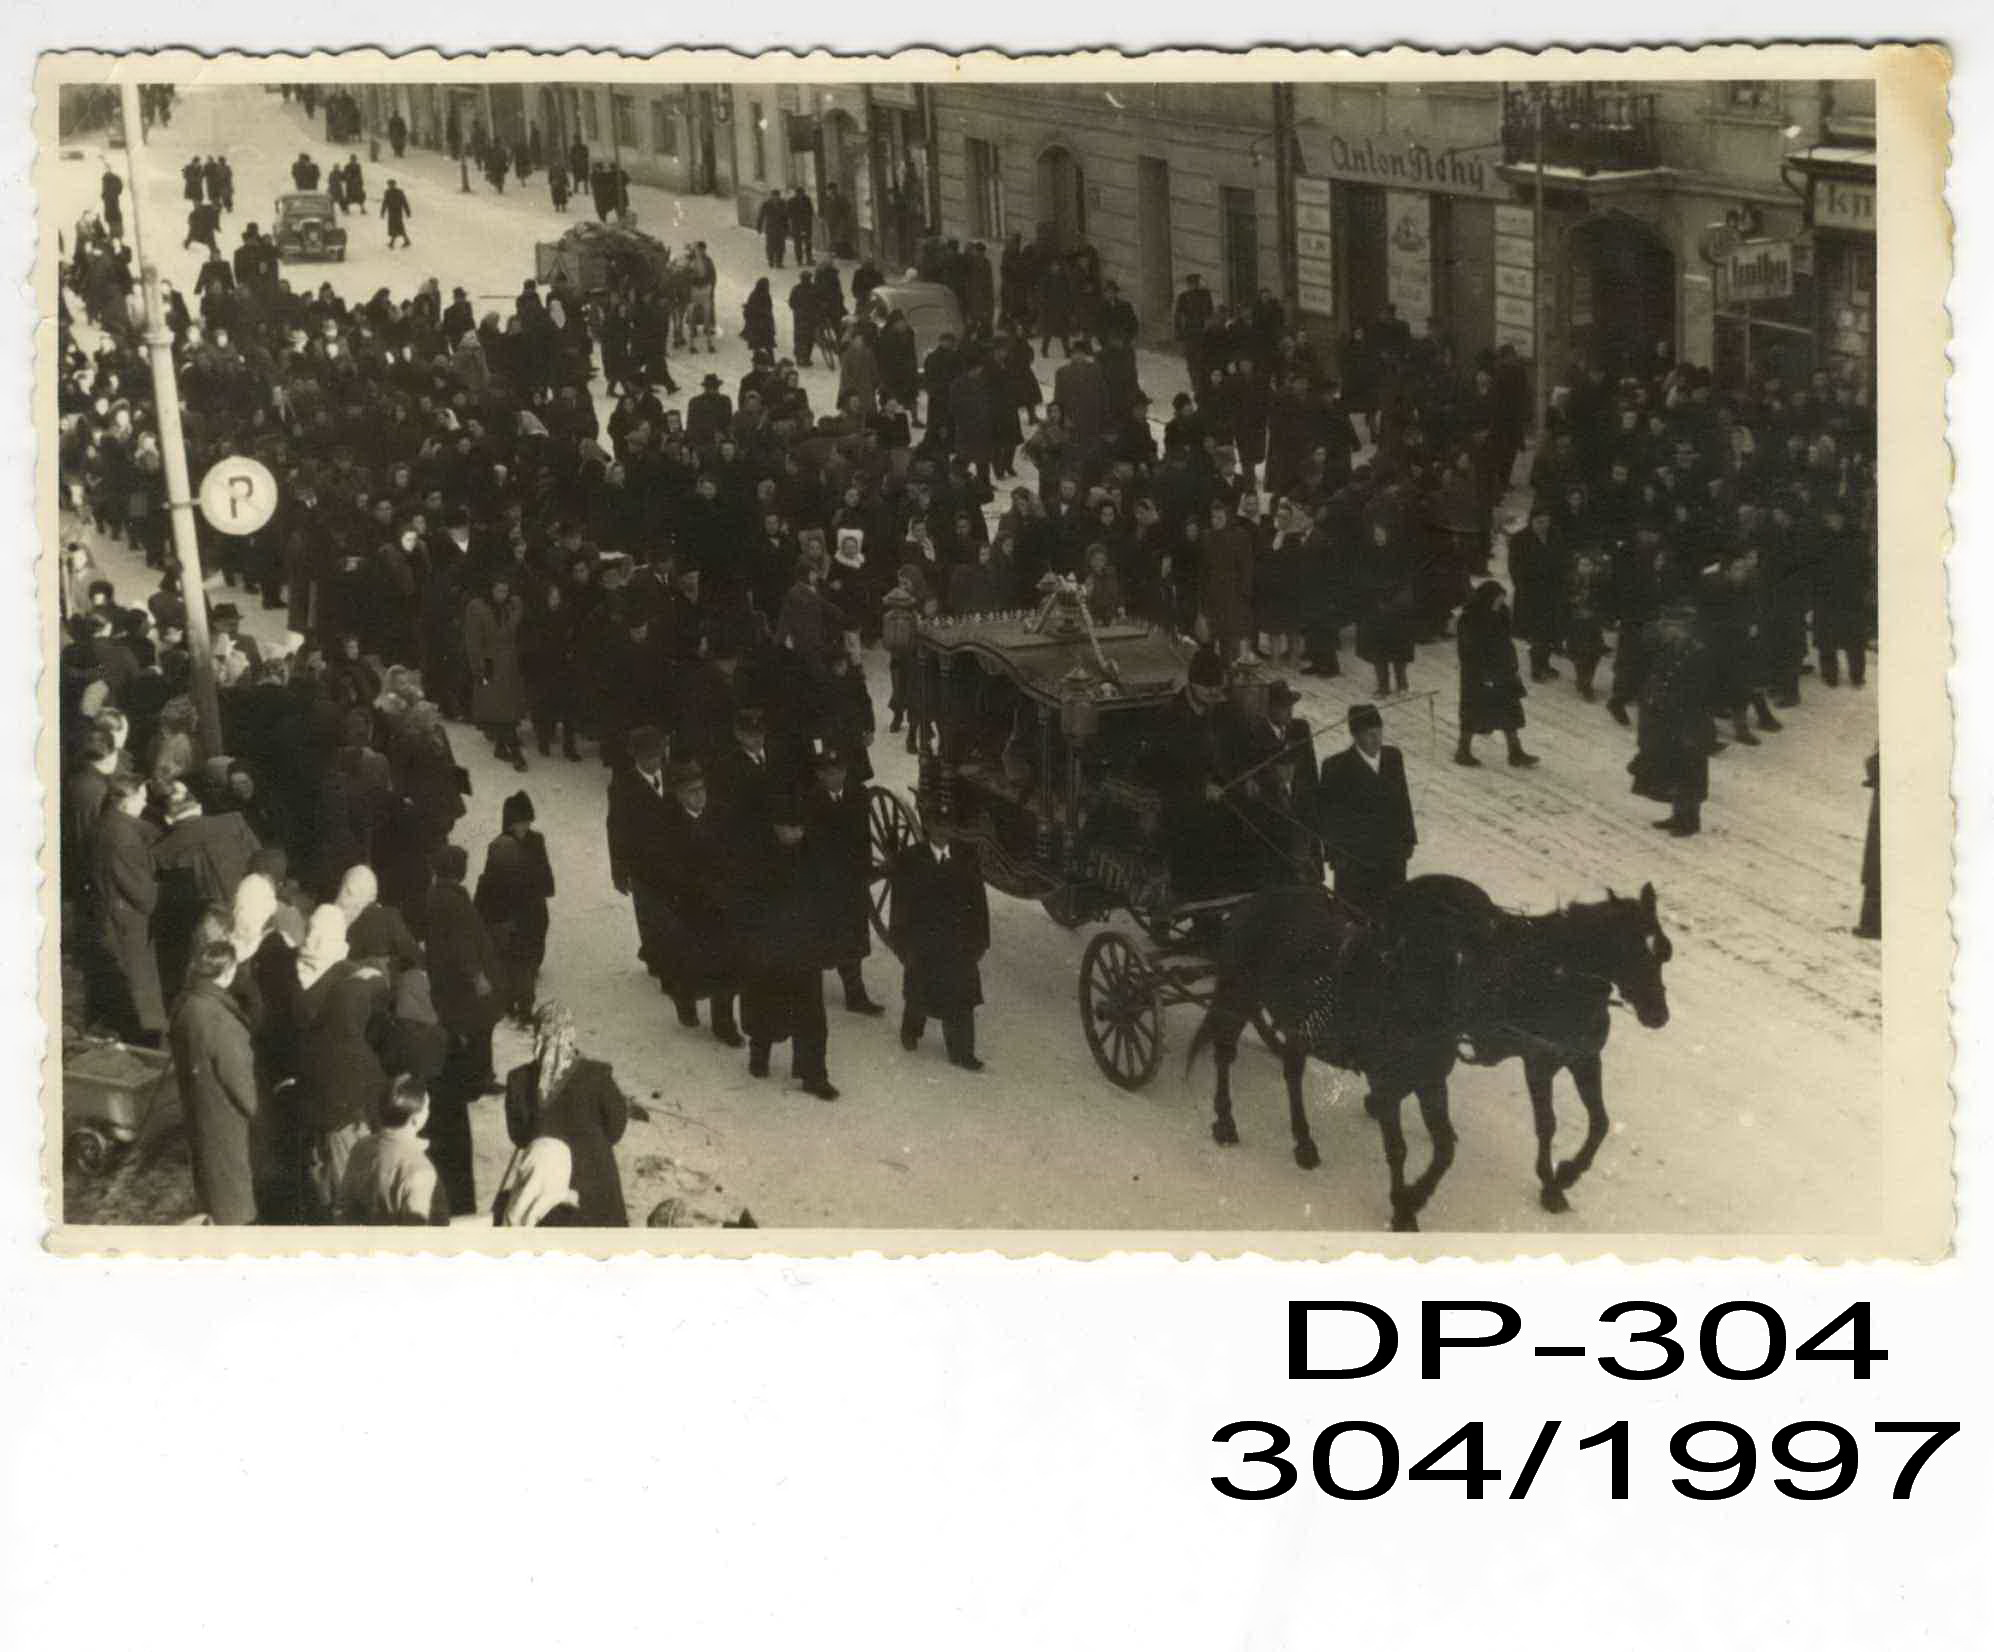 7f6750ead Smútočný sprievod kráčajúci ulicami Banskej Bystrice. Poštové múzeum Banská  Bystrica